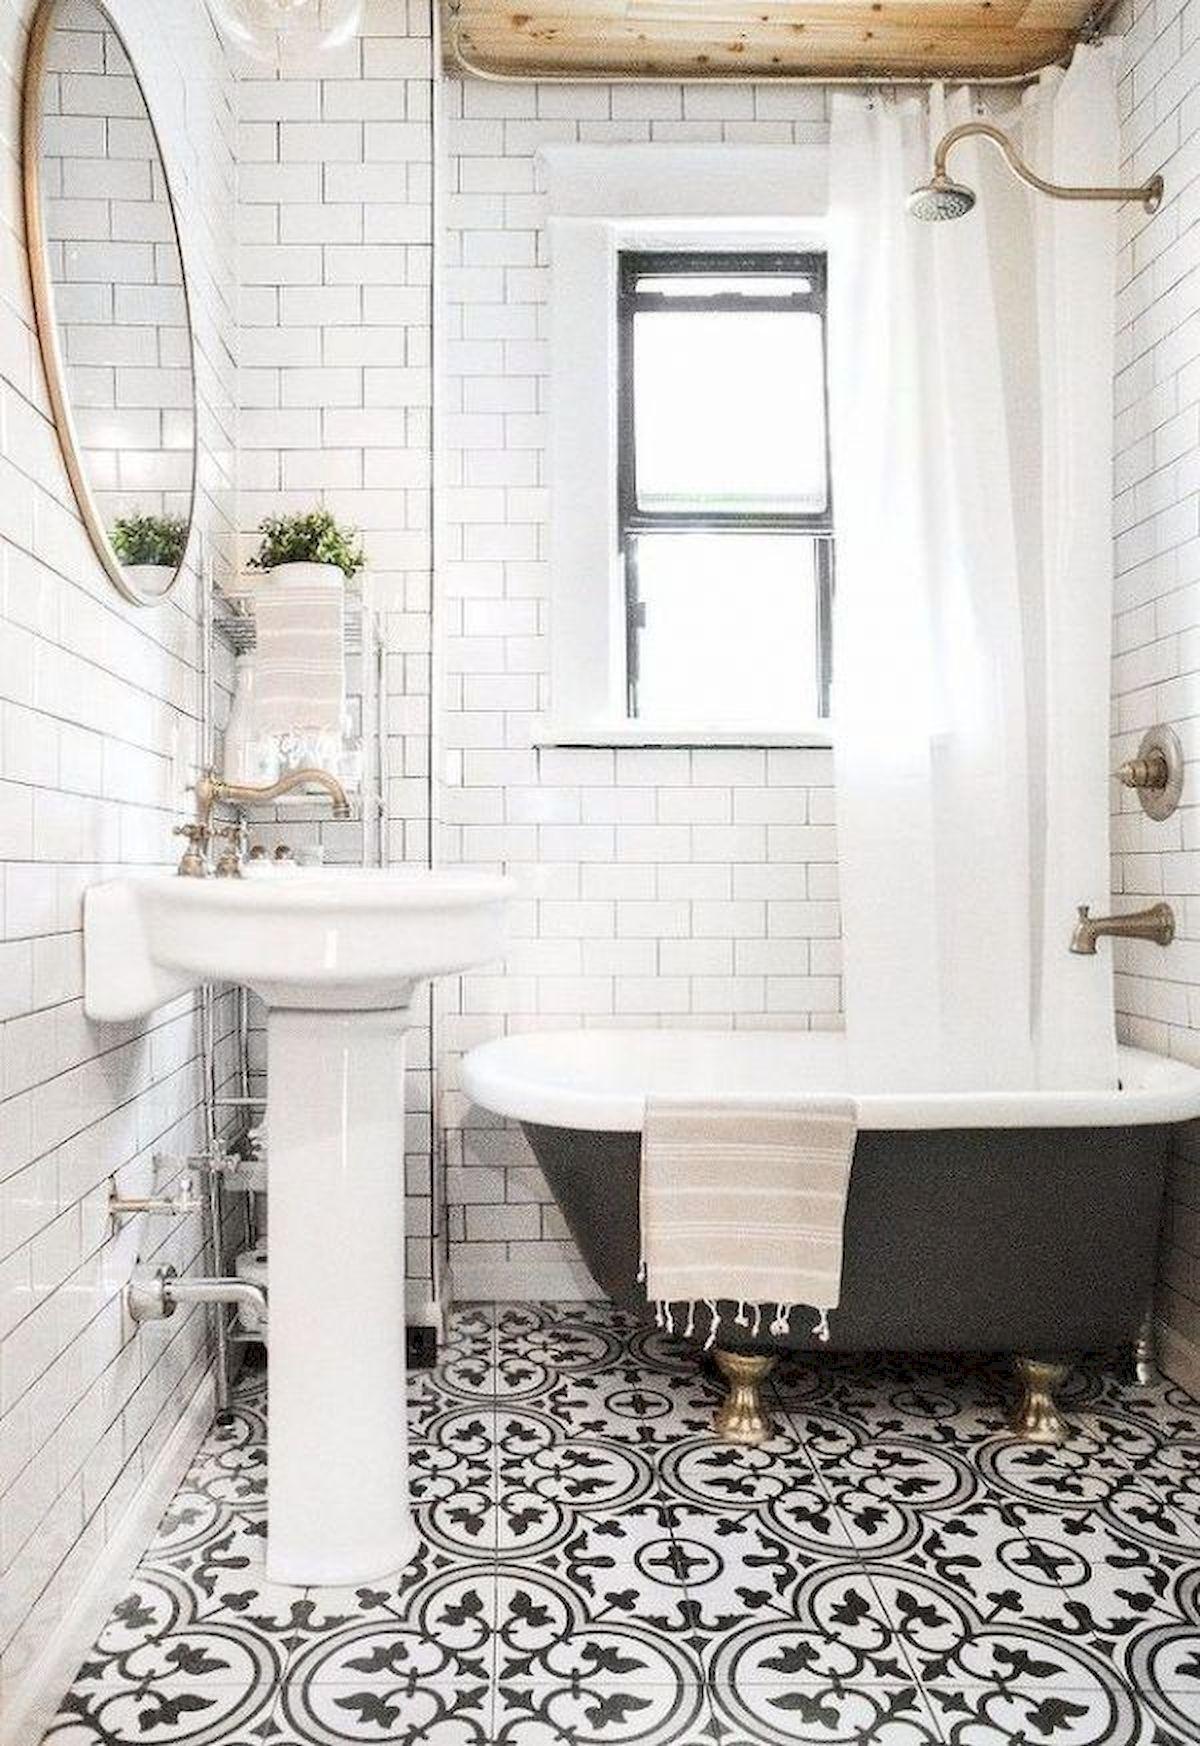 7 Bathroom Tile Ideas Colorful Tiled Bathrooms Dengan Gambar